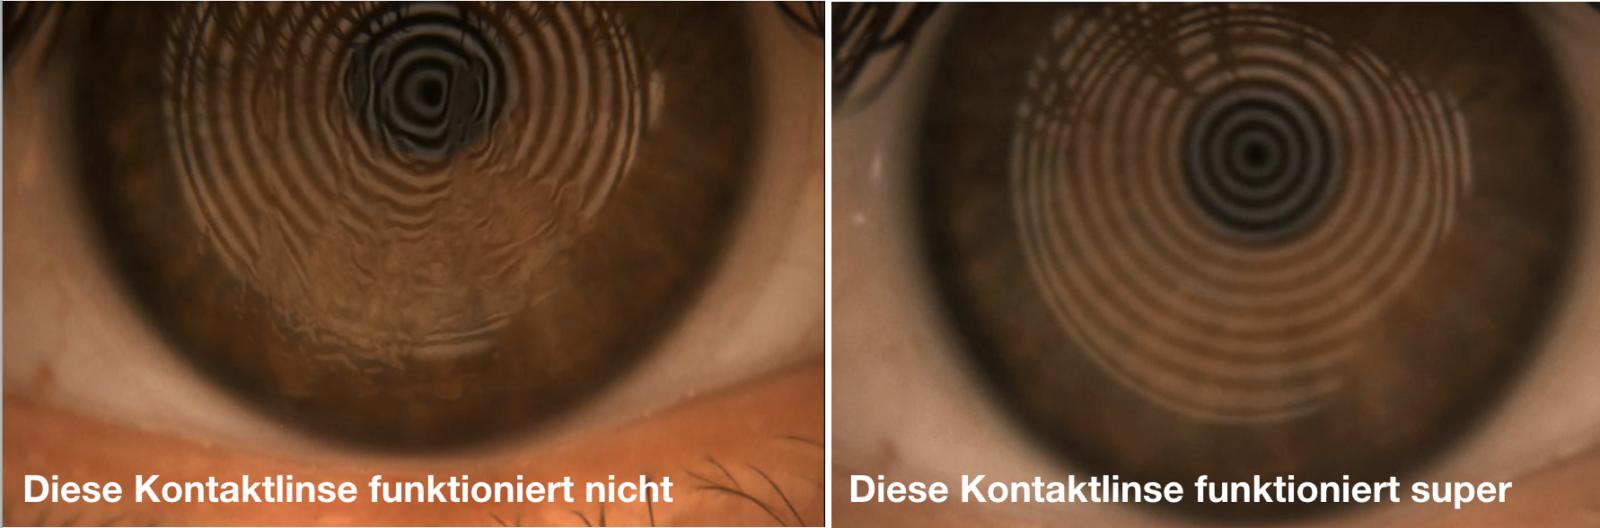 Links eine Kontaktlinse, die nicht mit dem Tränenfilm harmoniert. Auf der rechten Seite sieht alles wunderbar aus.